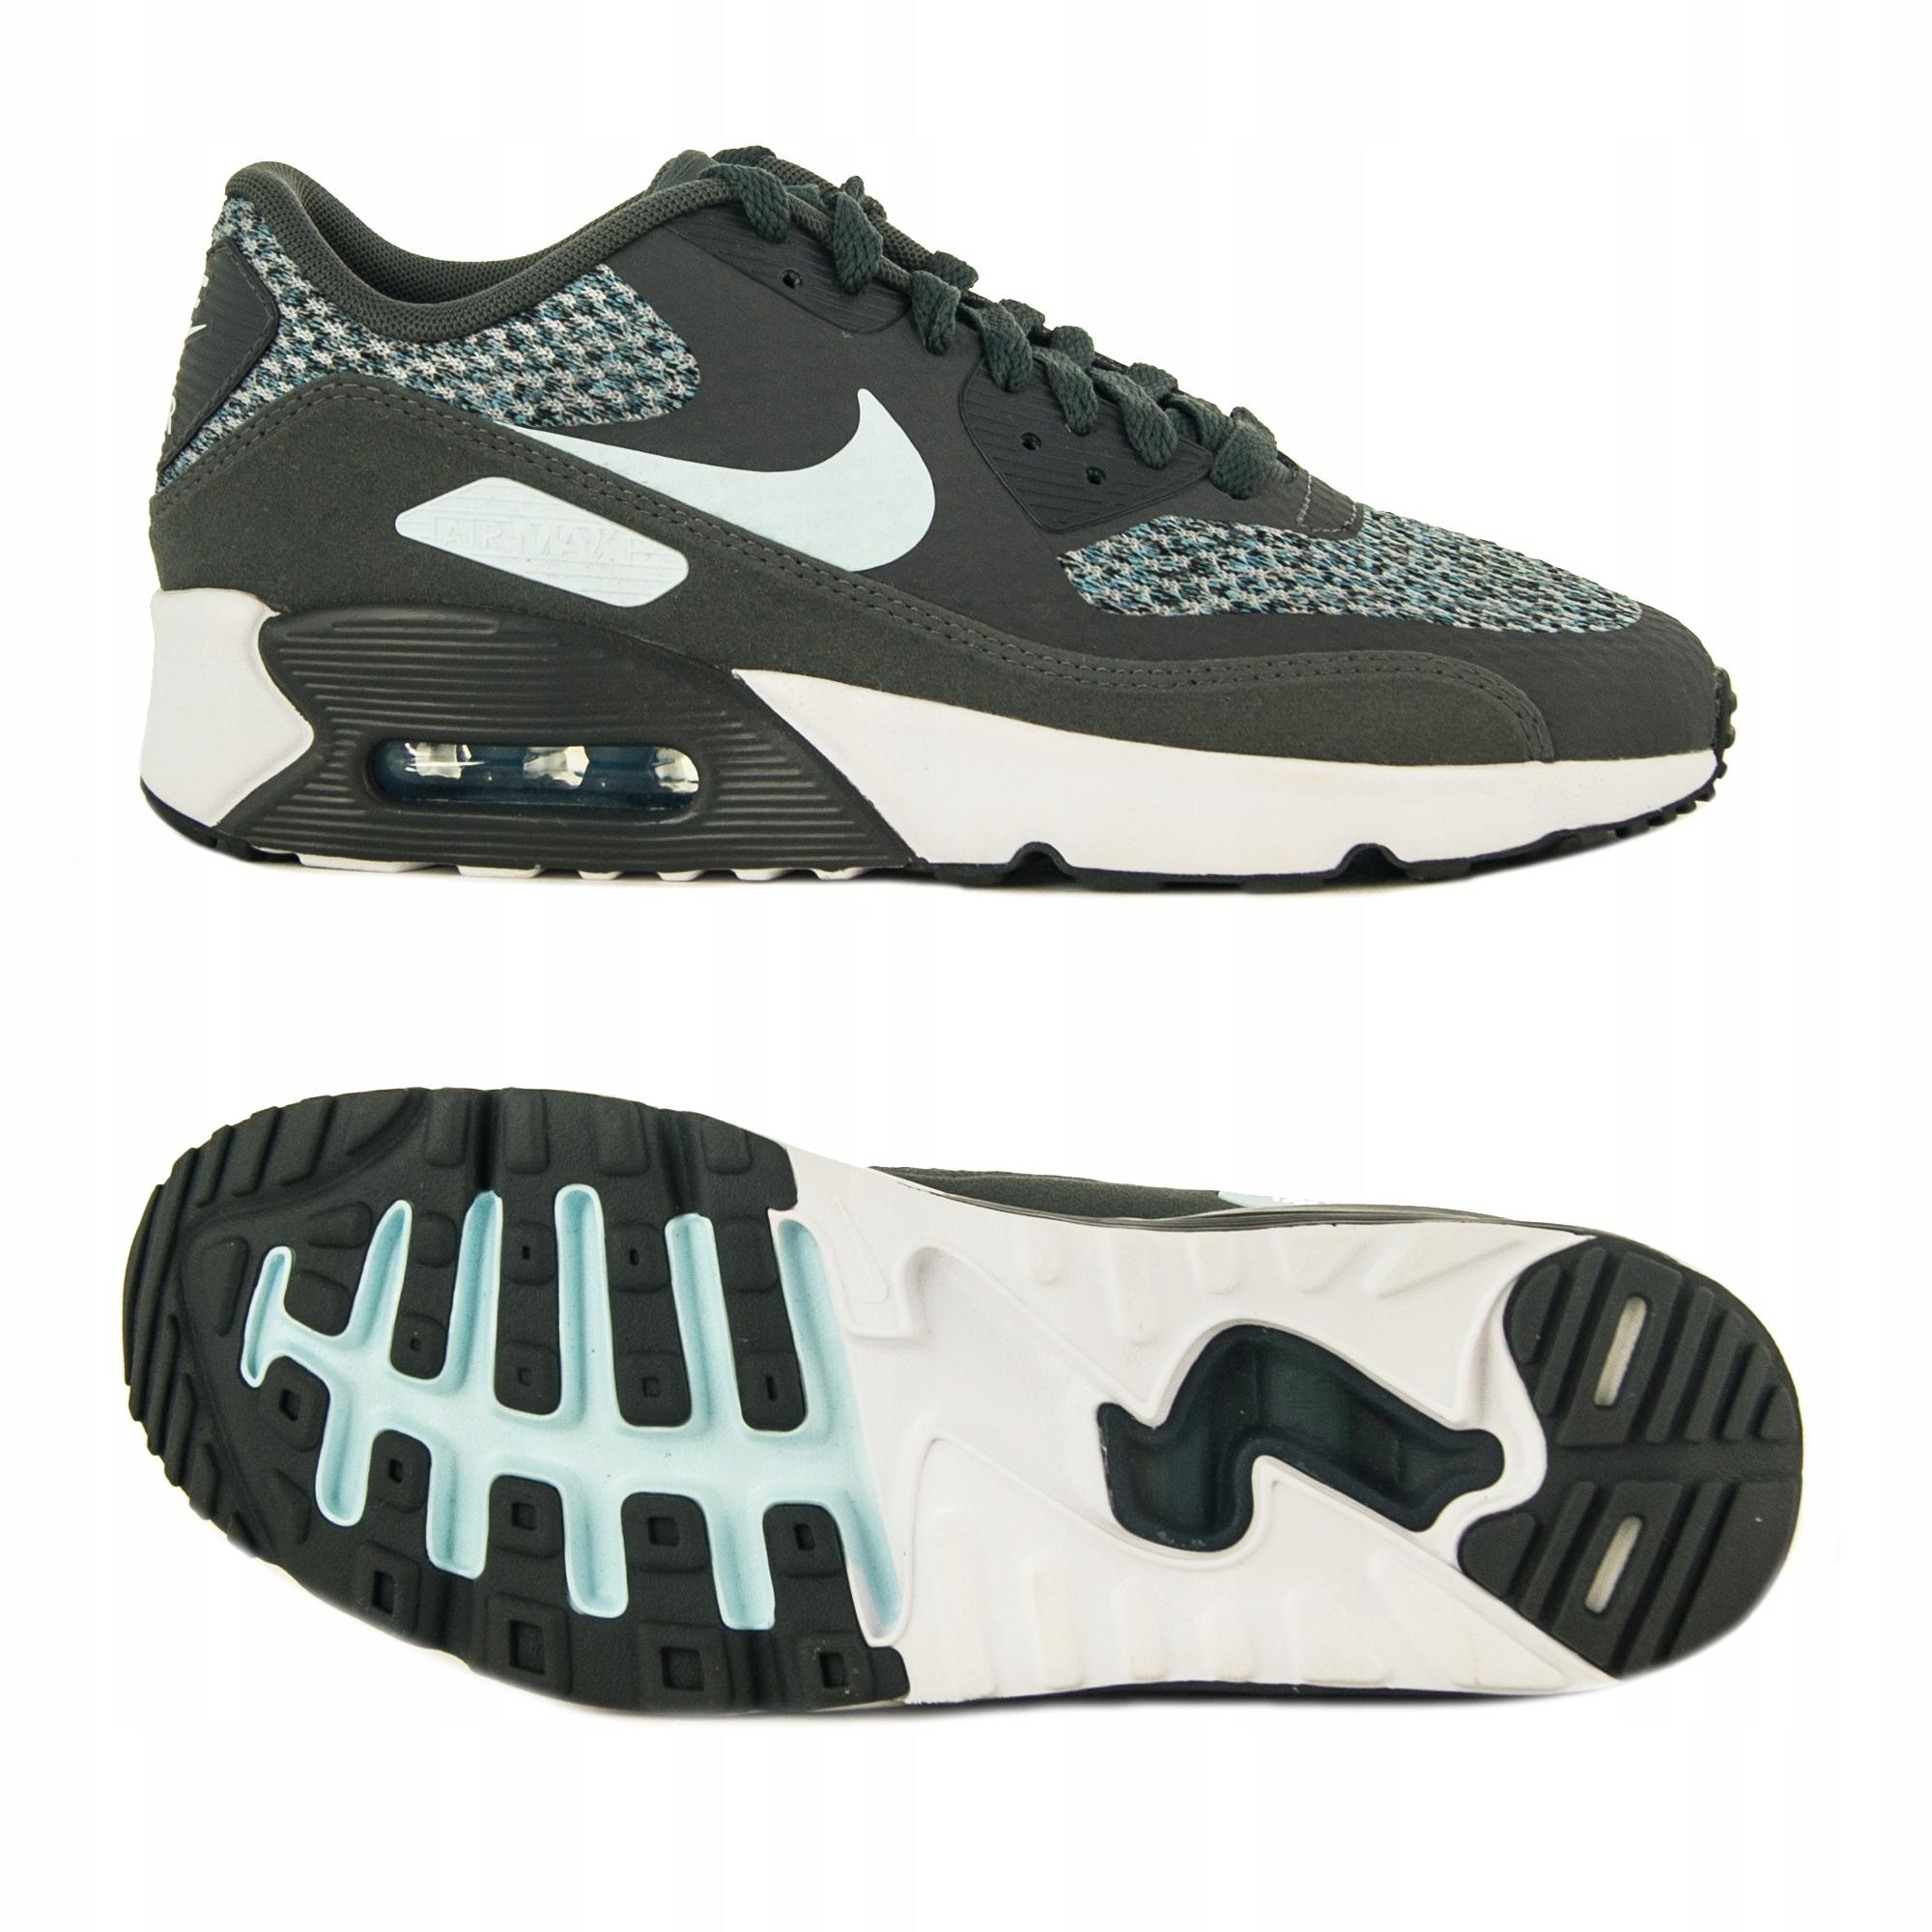 Oryginalny prawdziwe Nike Air Max 97 CR7 damskie buty do